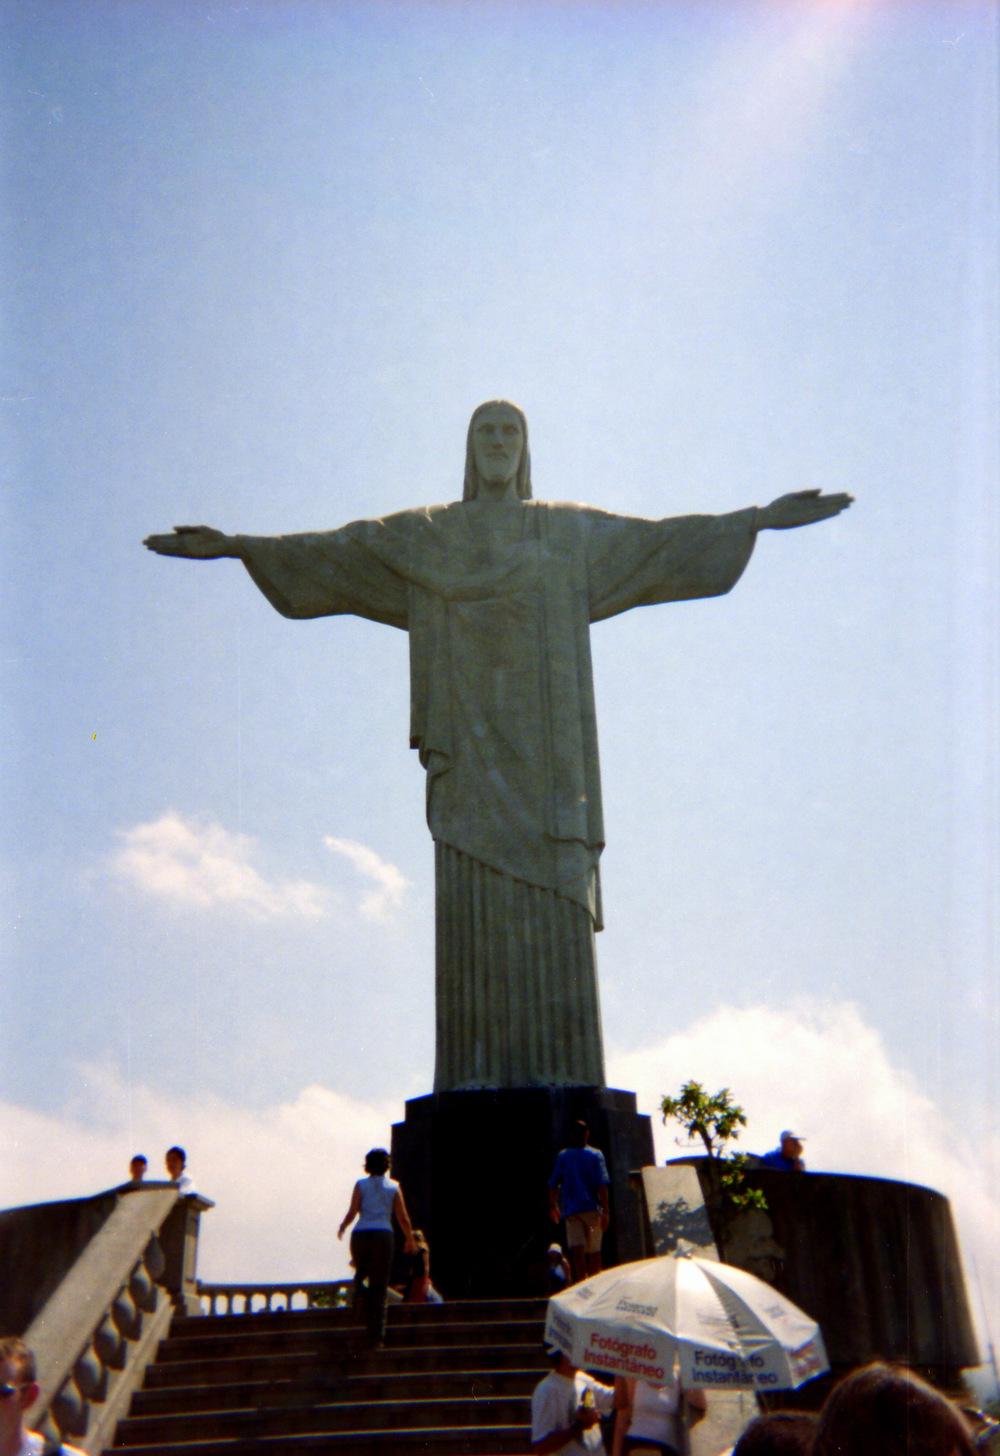 BrazilJpg_0142.jpg